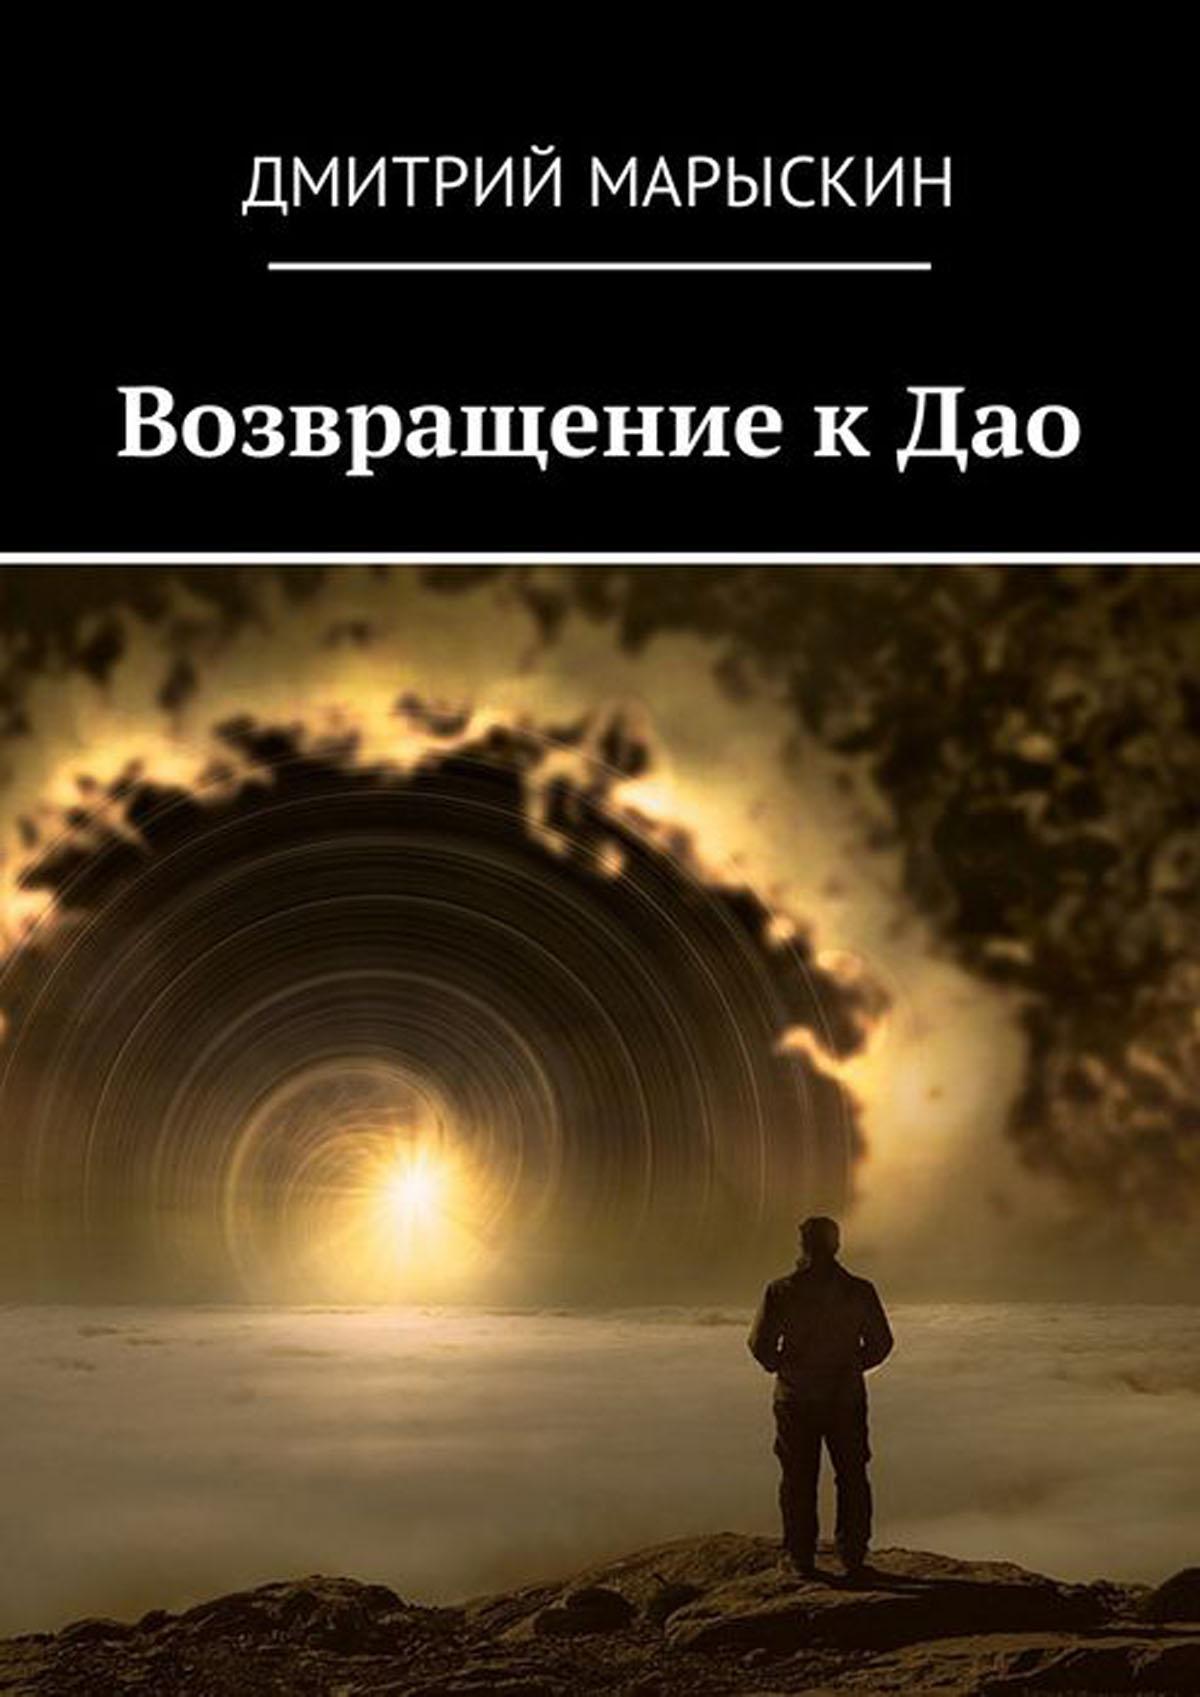 Марыскин Дмитрий Возвращение к Дао марыскин дмитрий дао